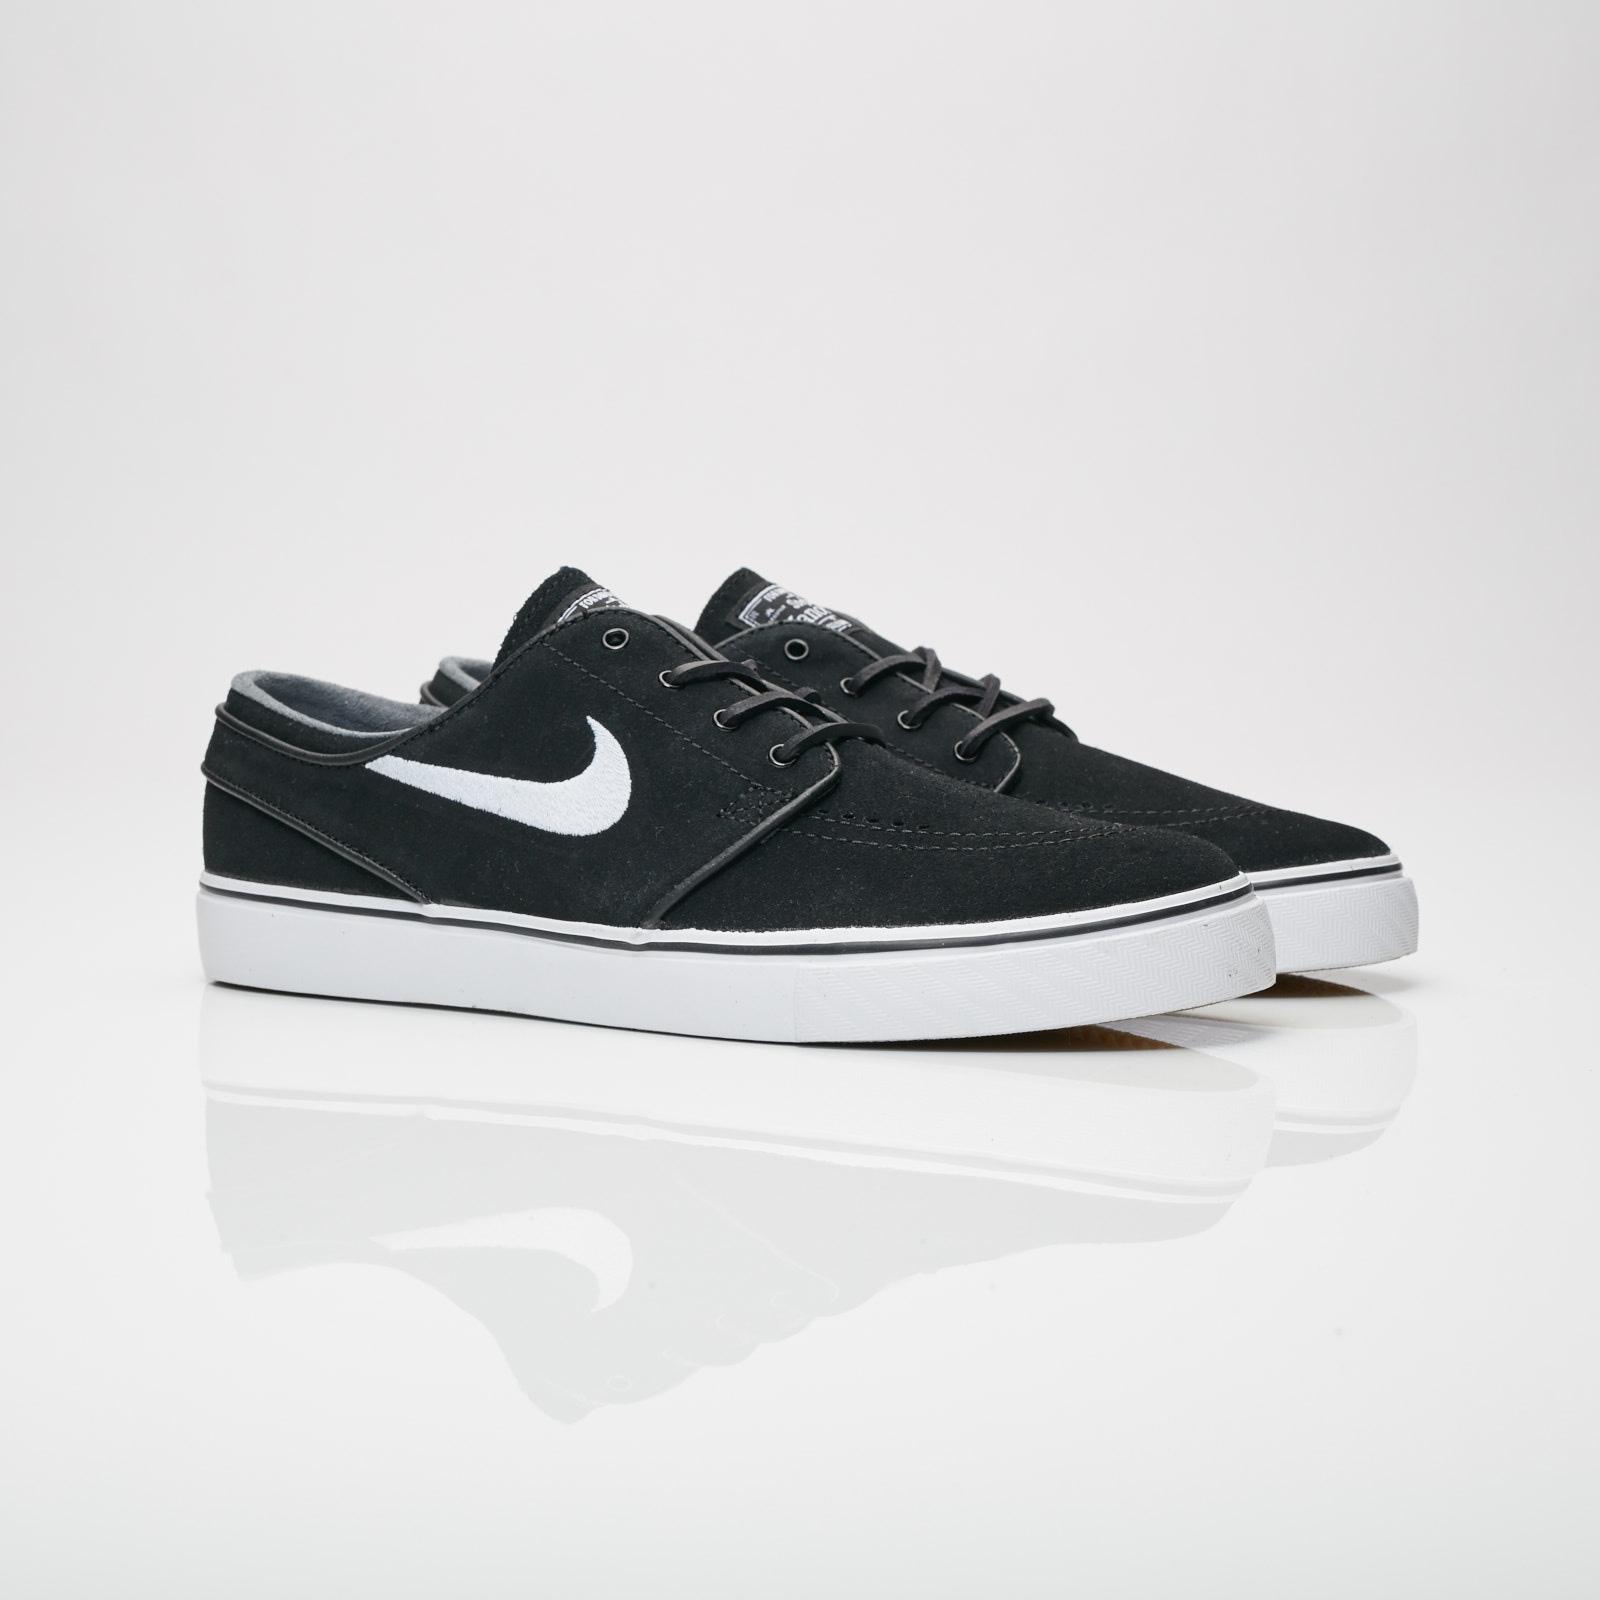 27e1e28c476 Nike Zoom Stefan Janoski OG - 833603-012 - Sneakersnstuff